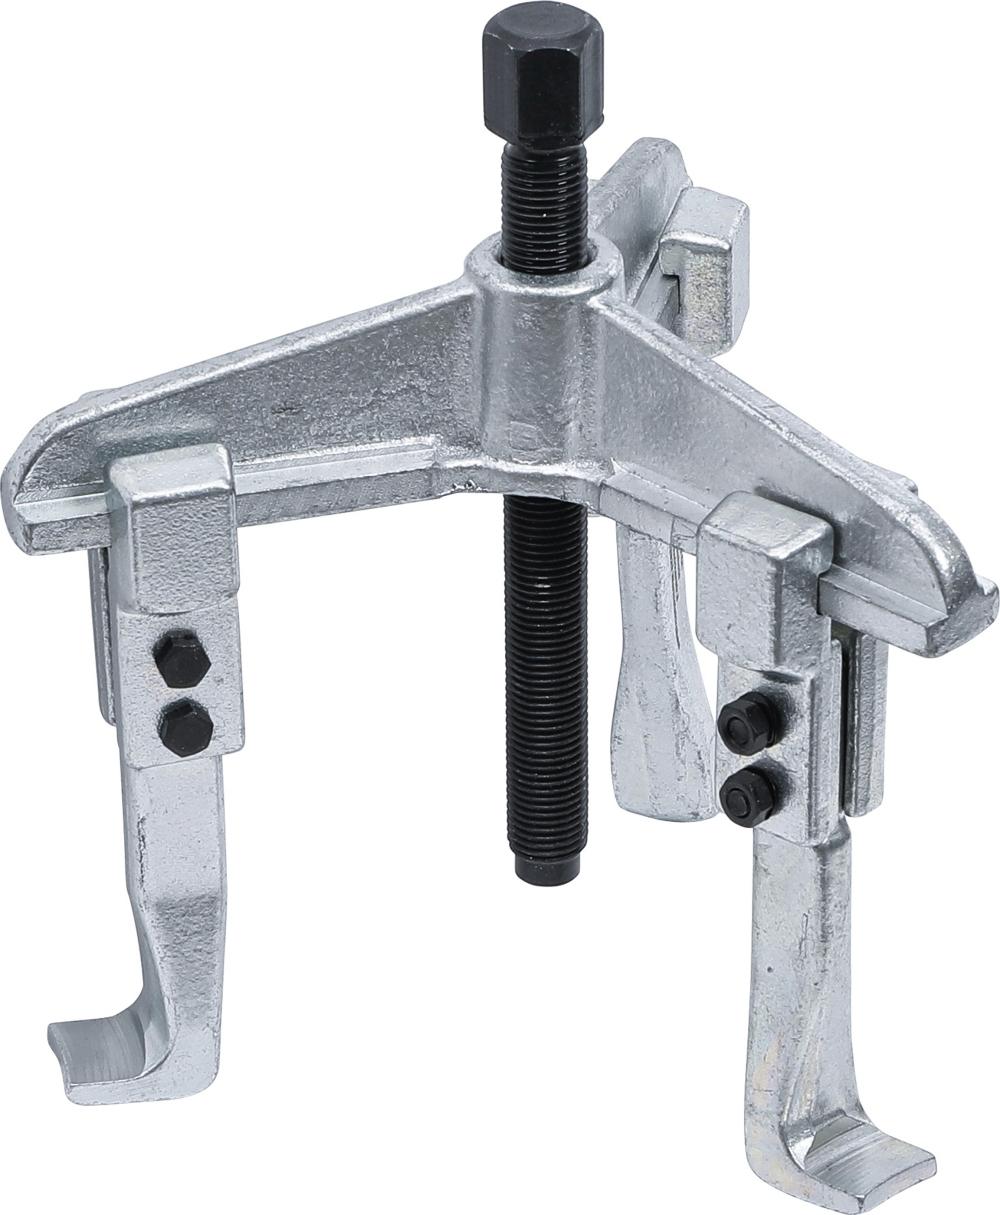 BGS Kraftmann 93-6 Parallelabzieher 3-armig / 3 Arm Weite 40 - 120mm